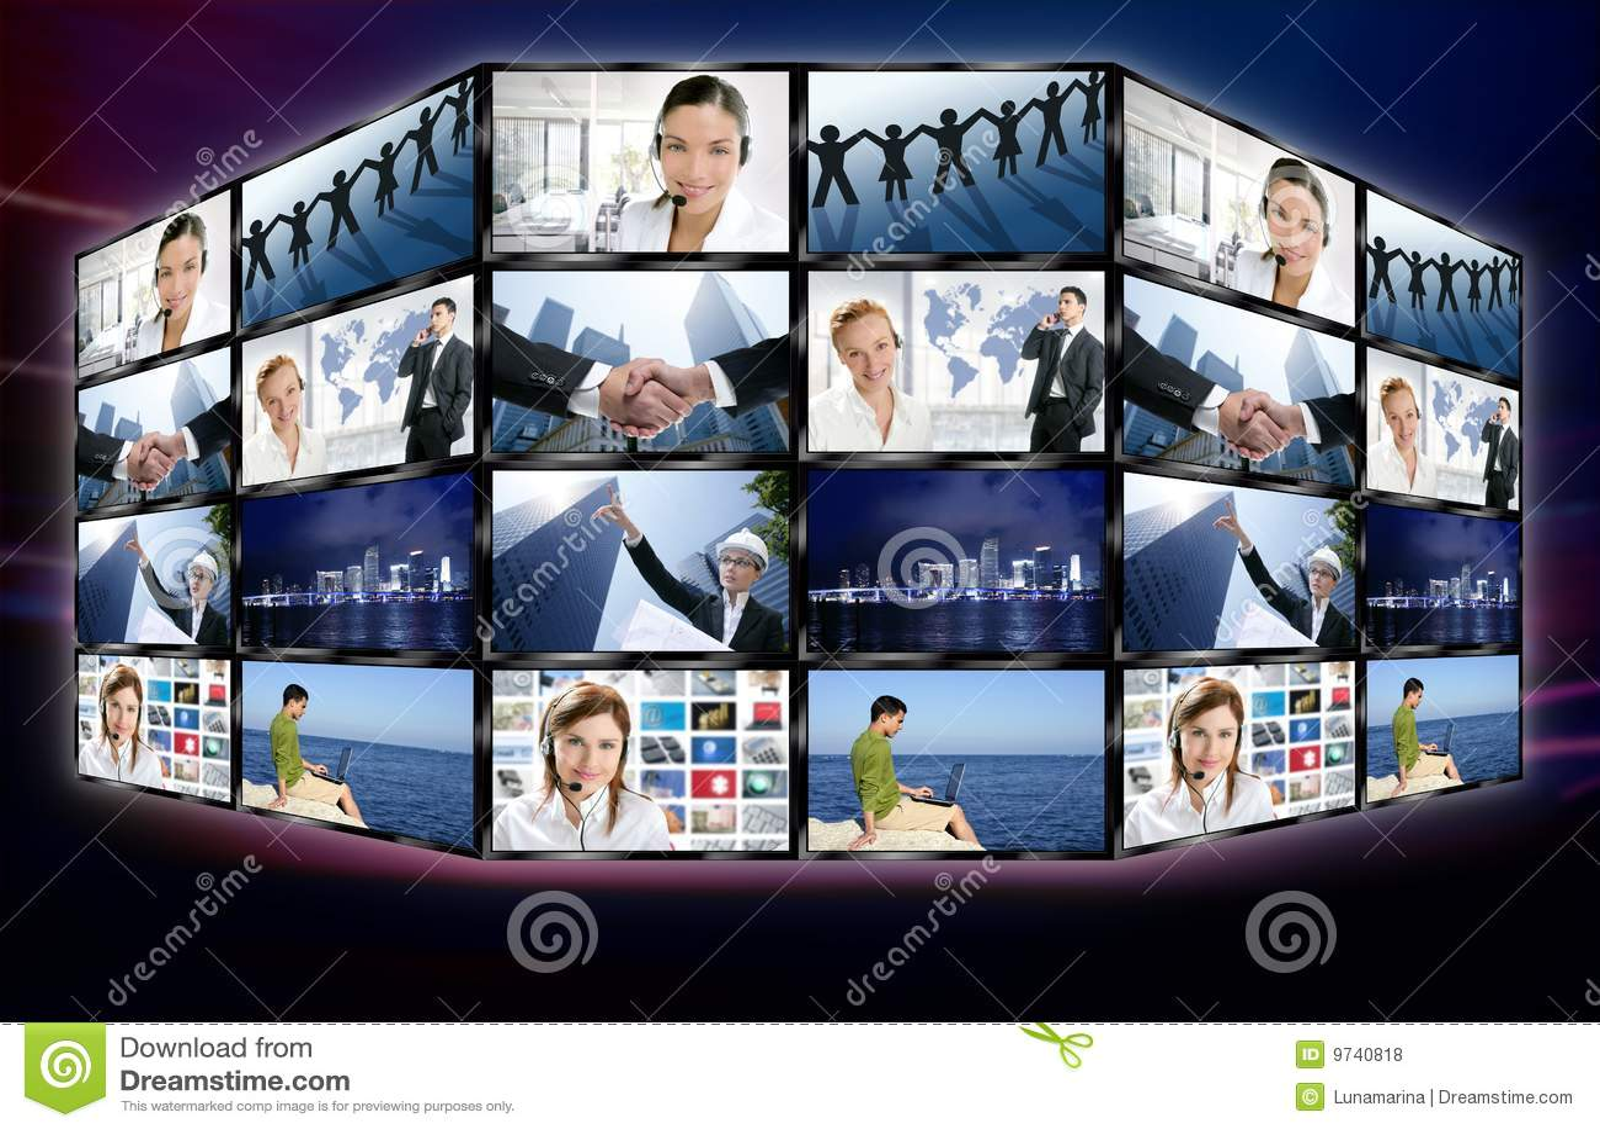 Digitale Bildschirmwand der futuristischen Fernsehvideonachrichten